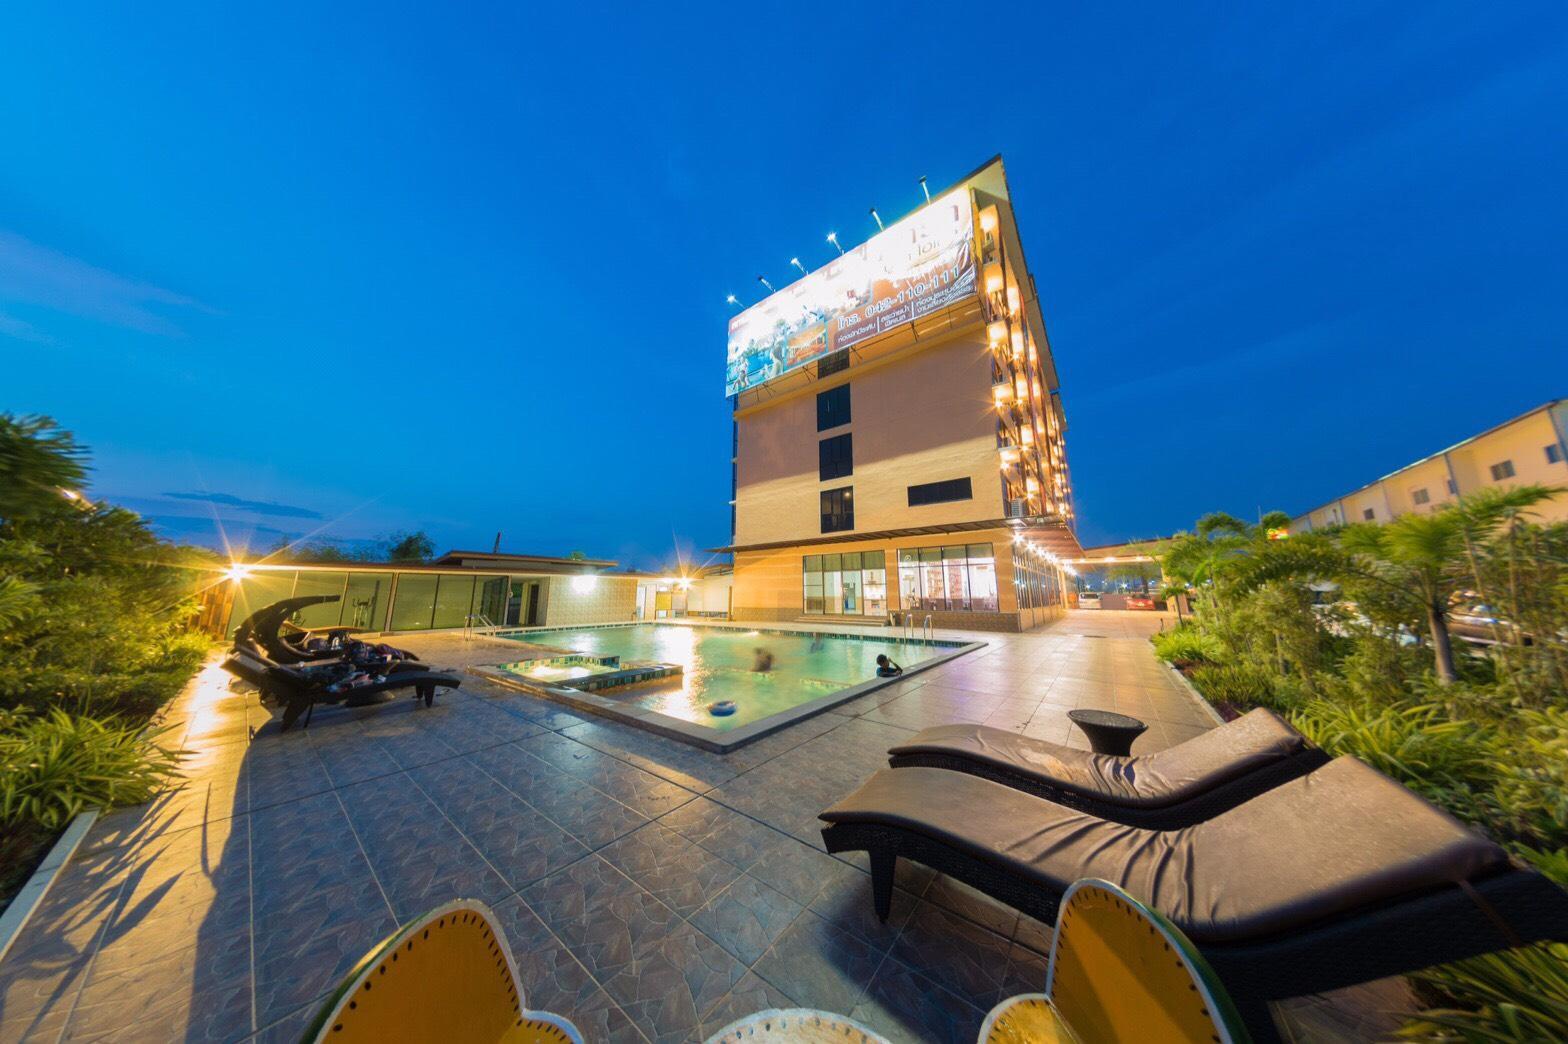 phatra boutique hotel, Muang Udon Thani